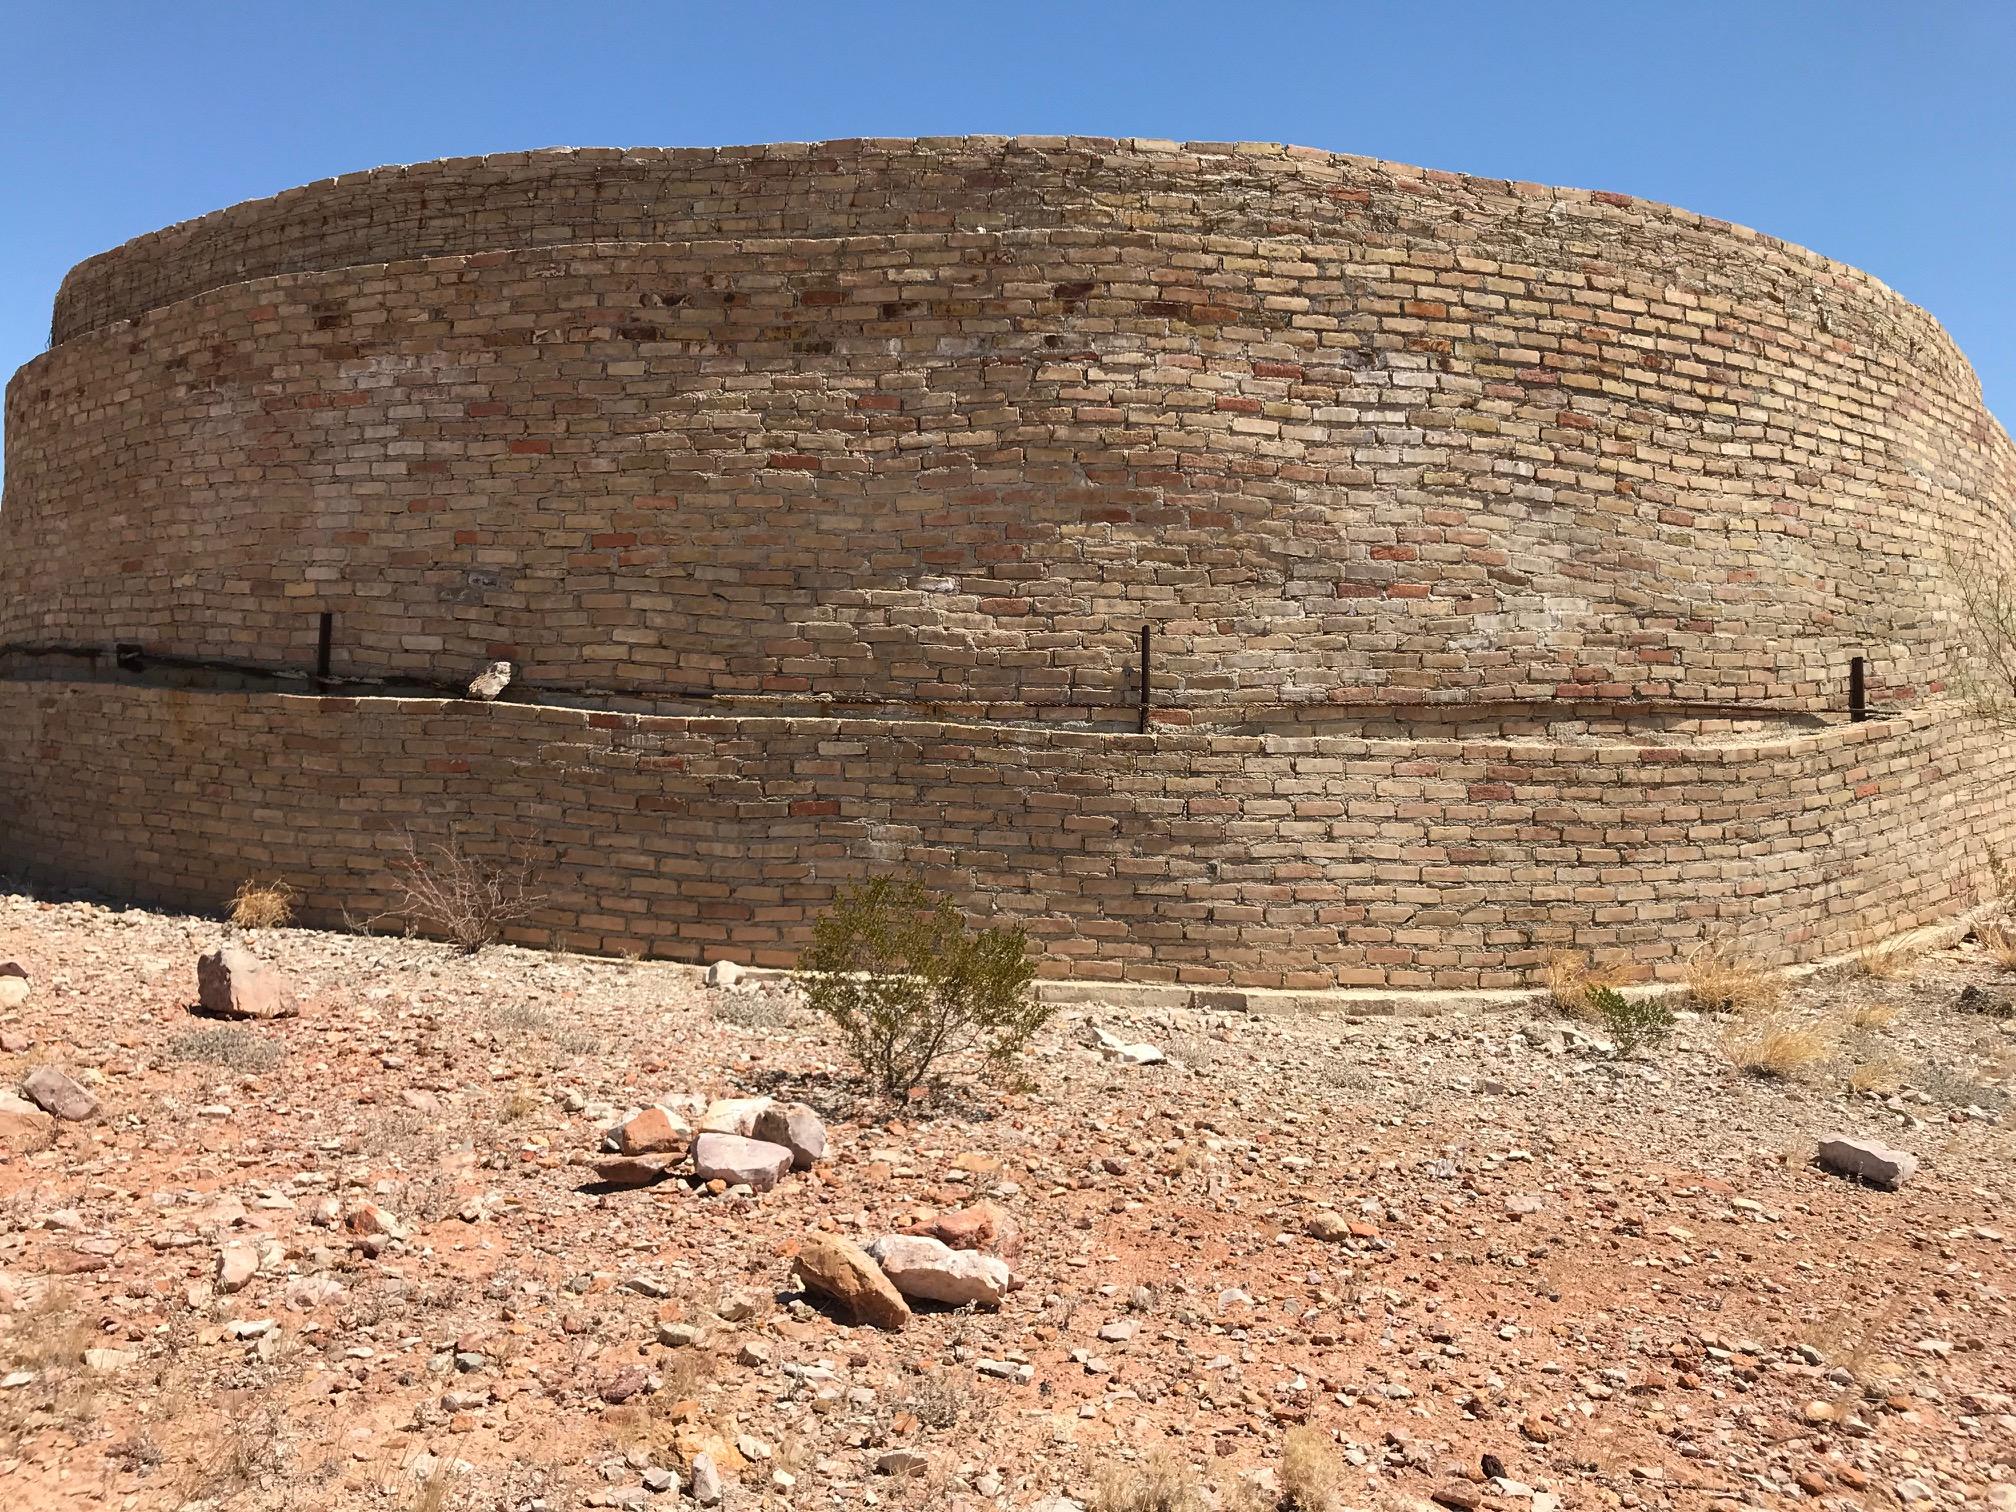 Rock/Brick exterior